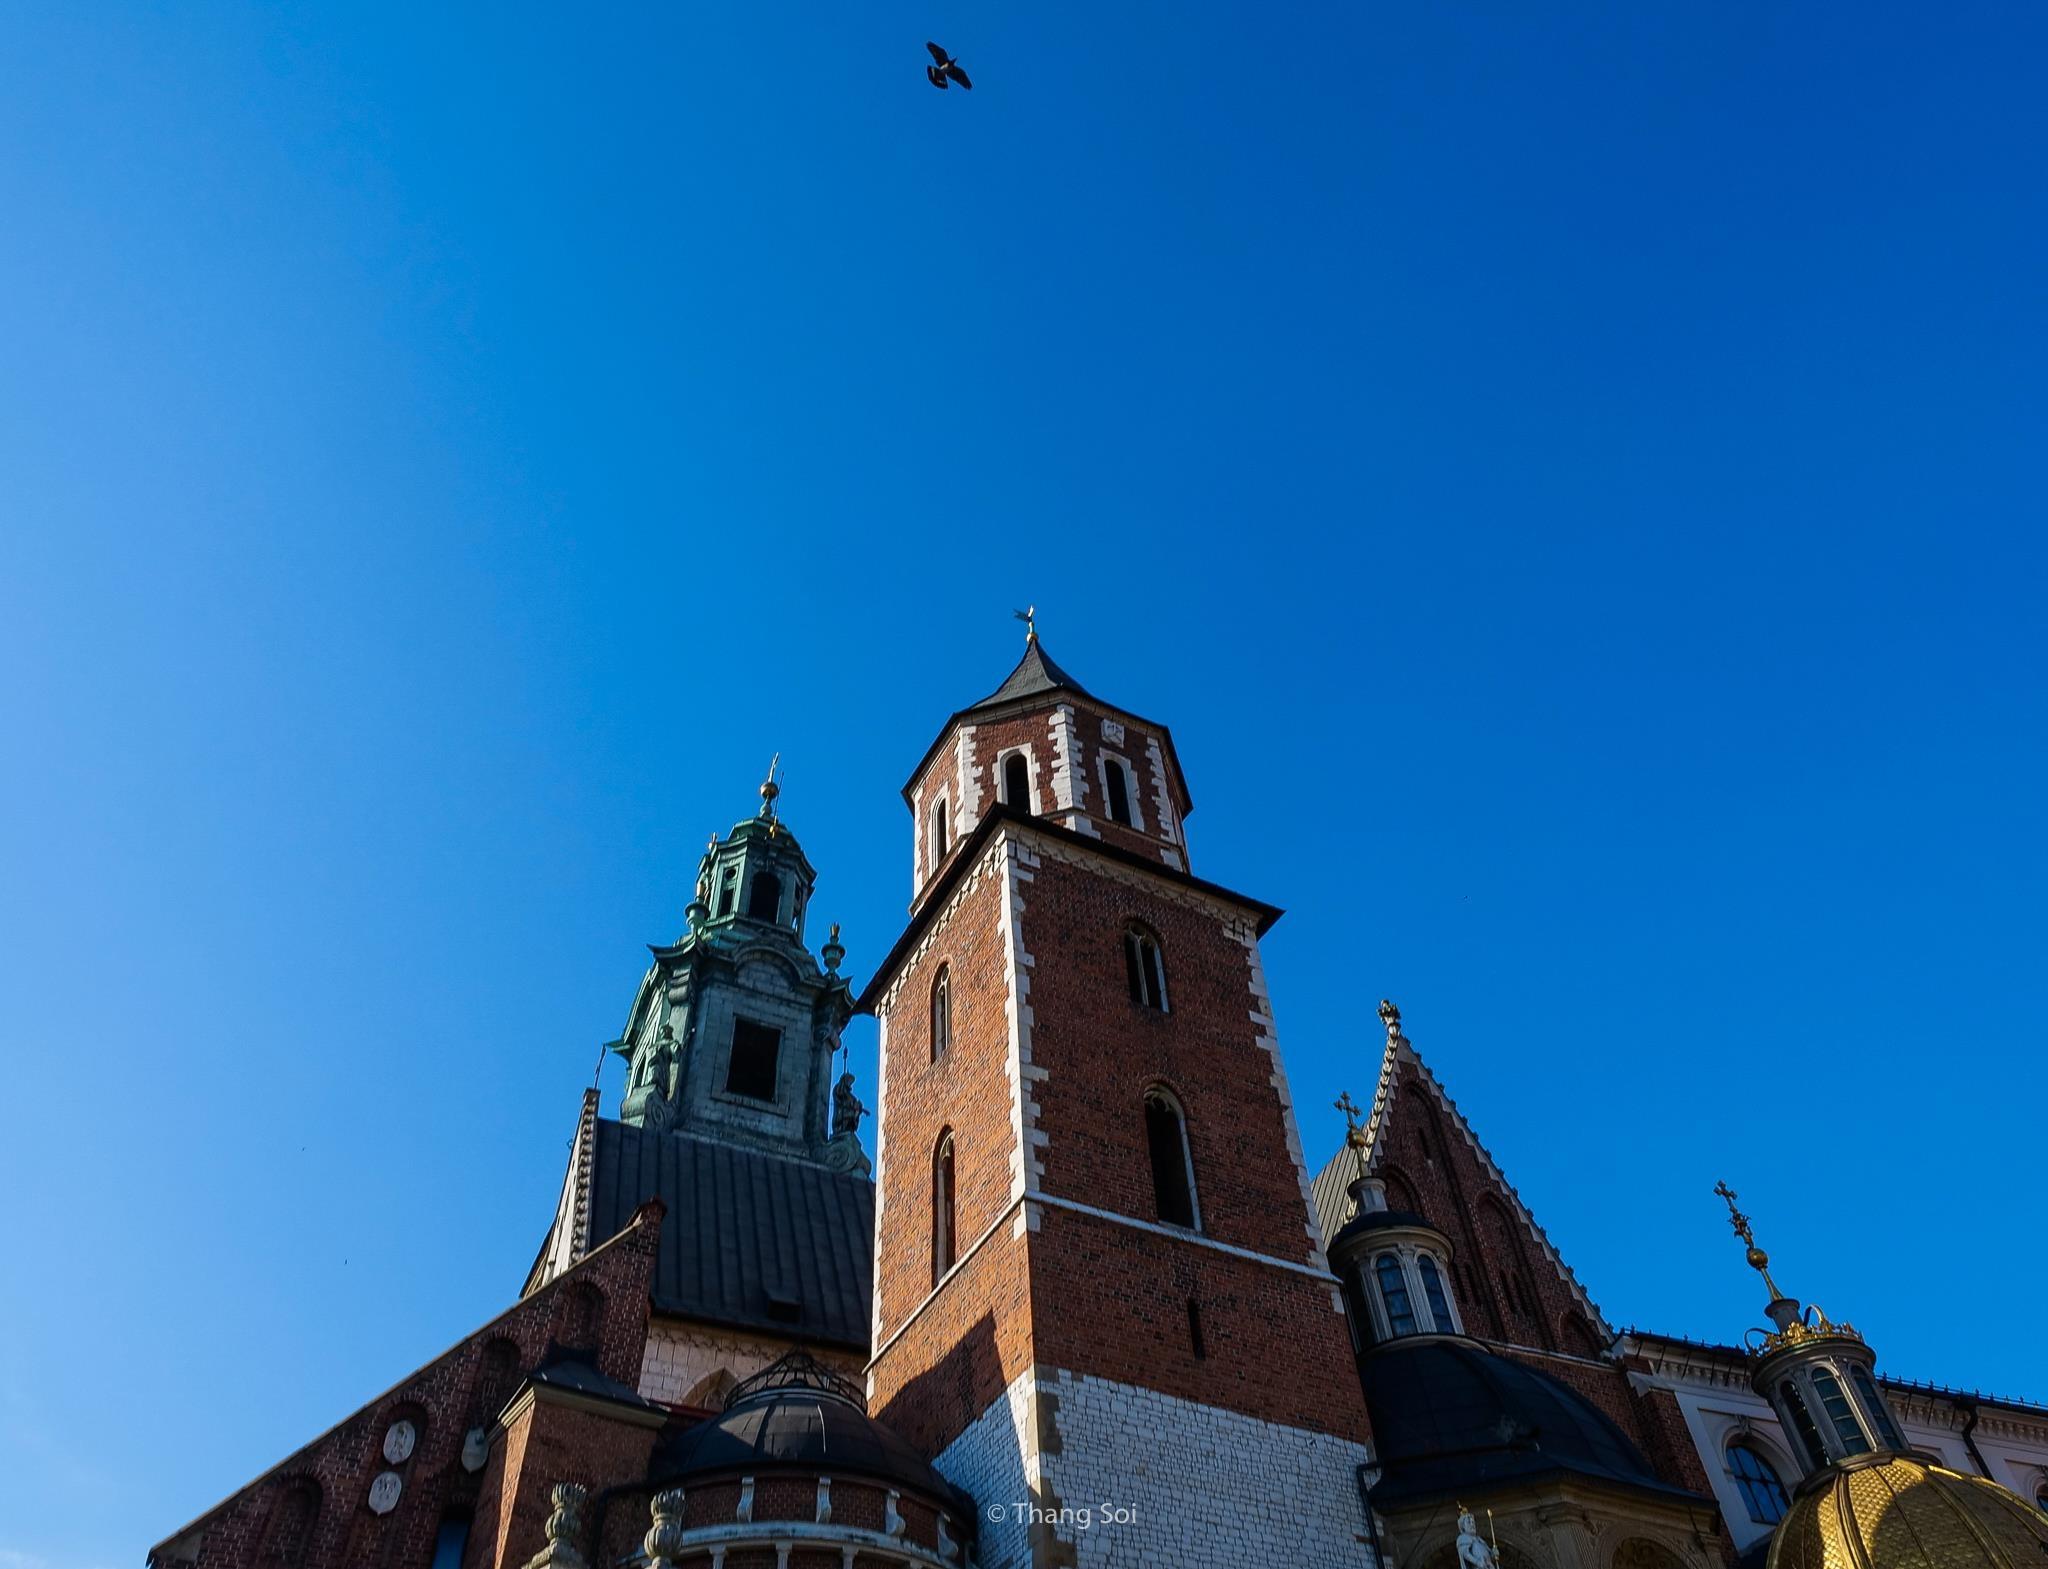 Krakow, kinh do co phai ghe tham khi den Ba Lan hinh anh 52